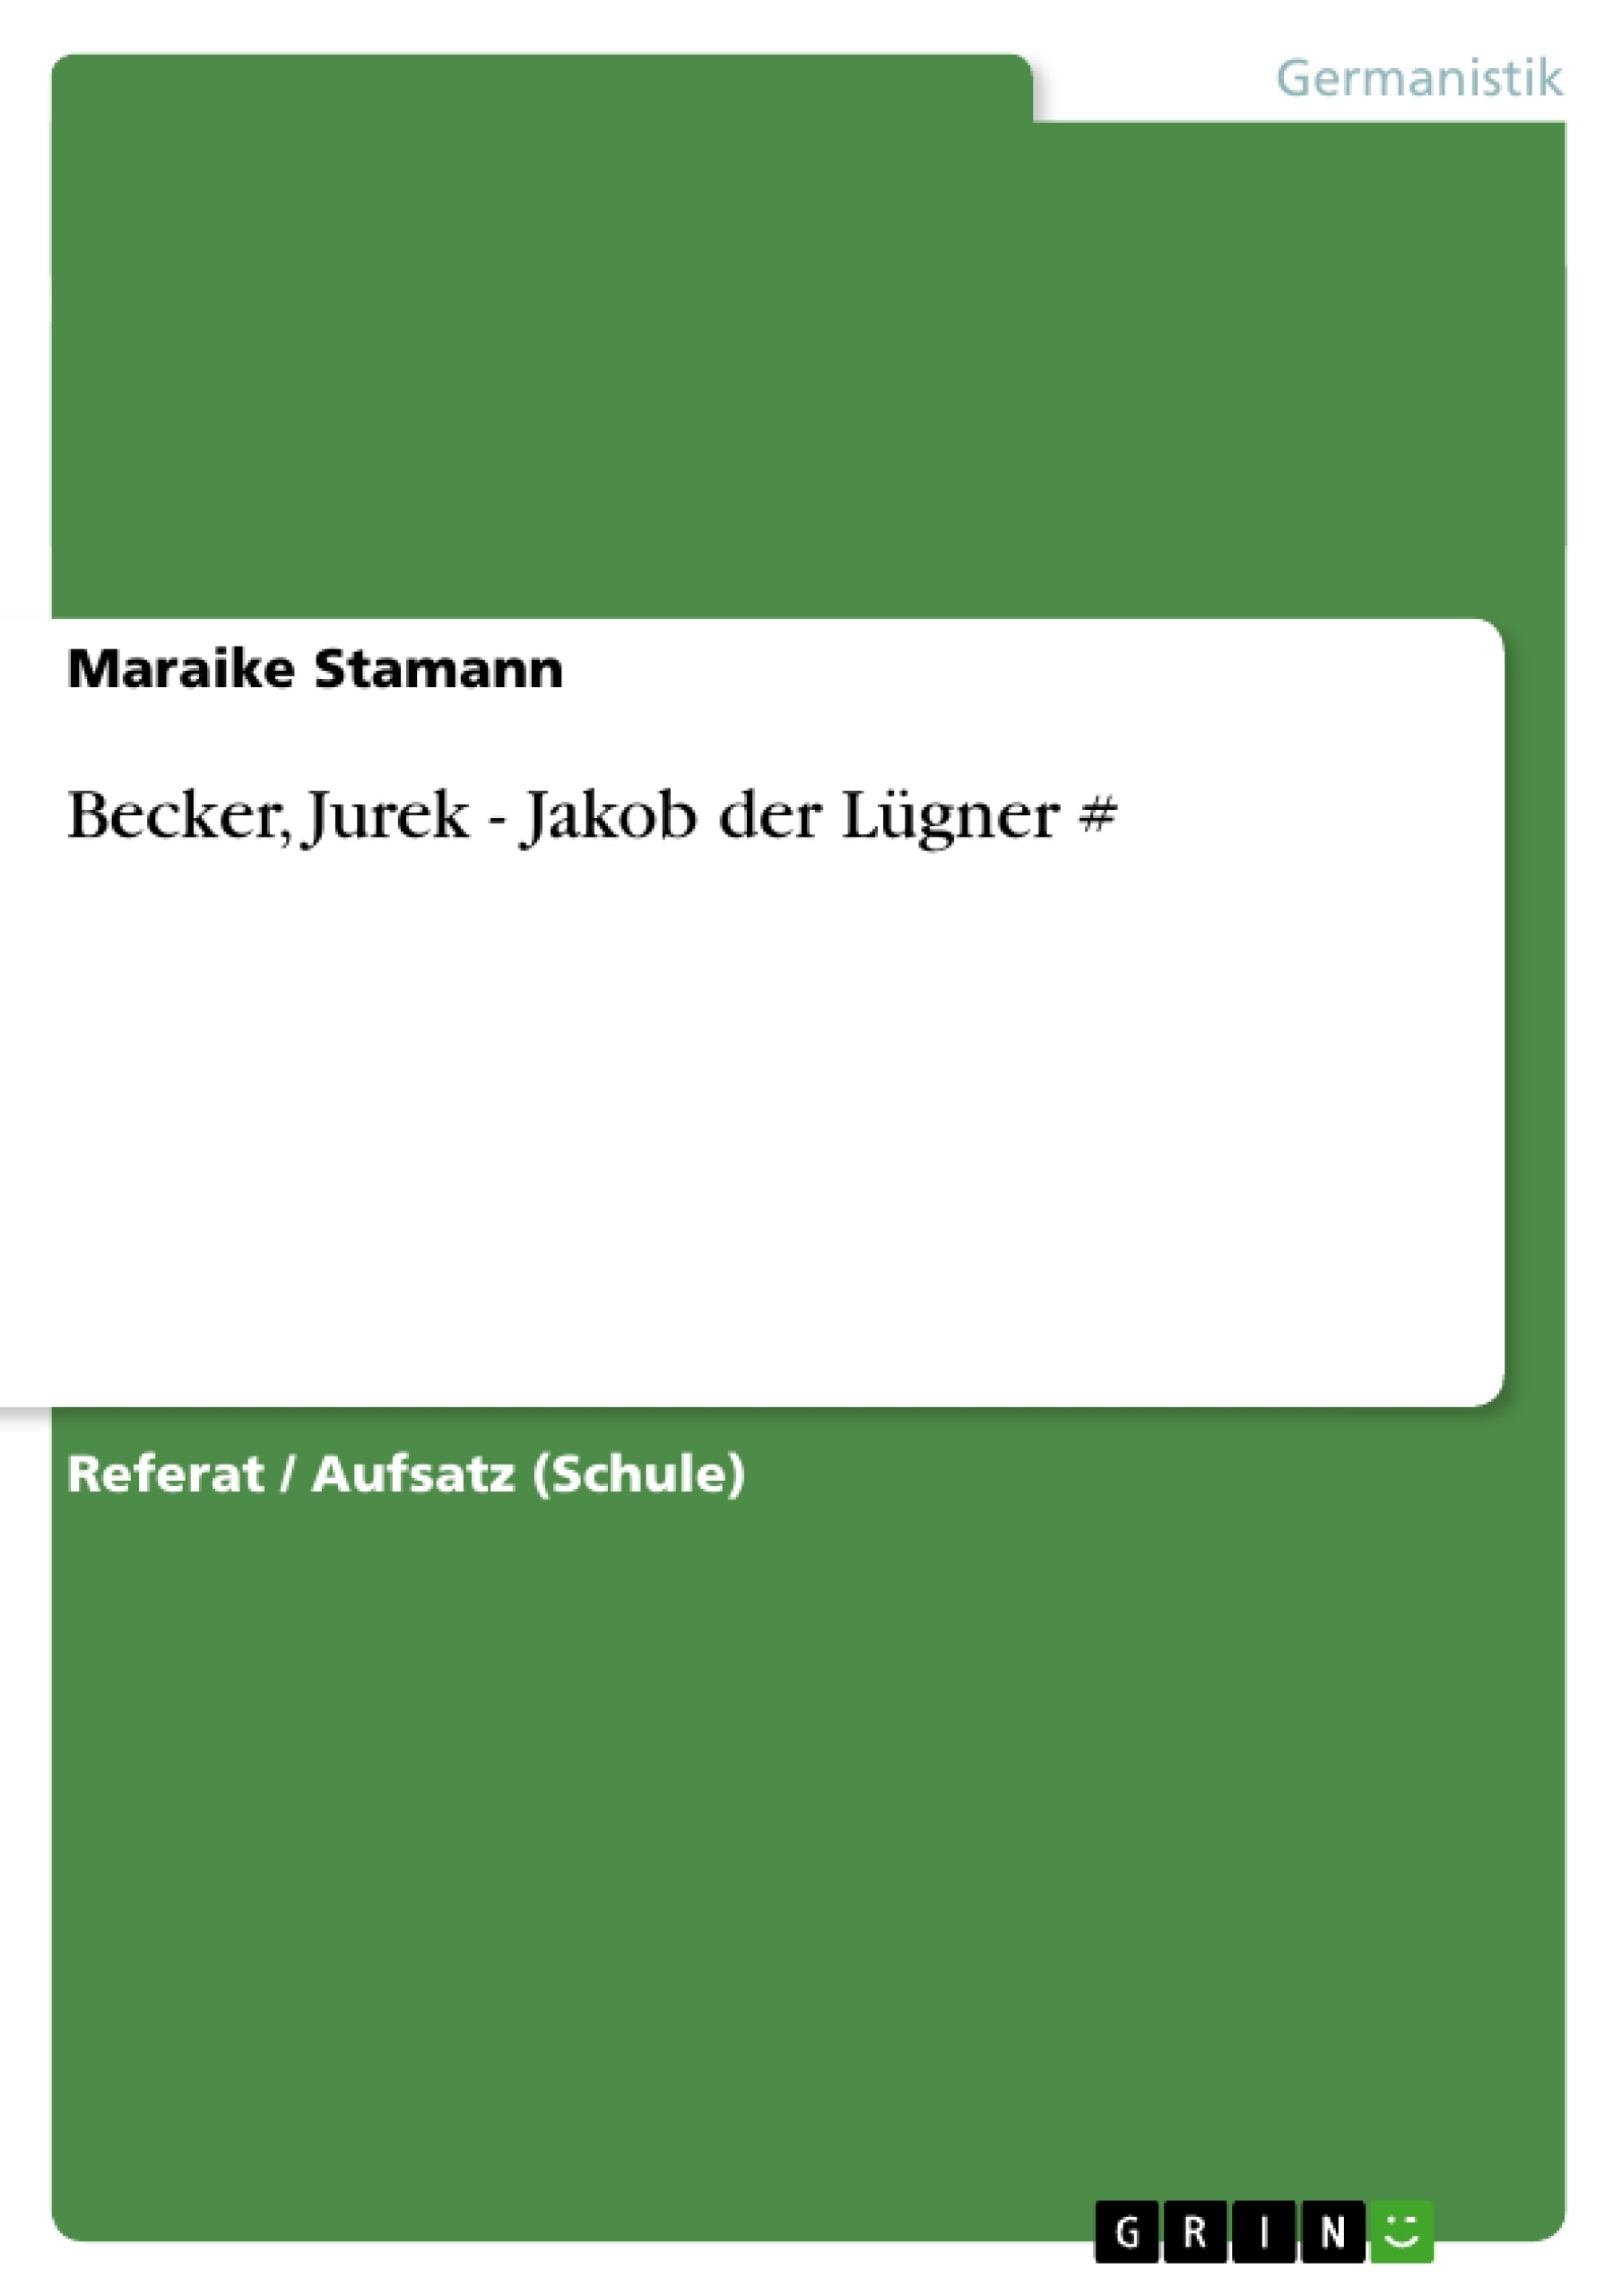 Titel: Becker, Jurek - Jakob der Lügner #